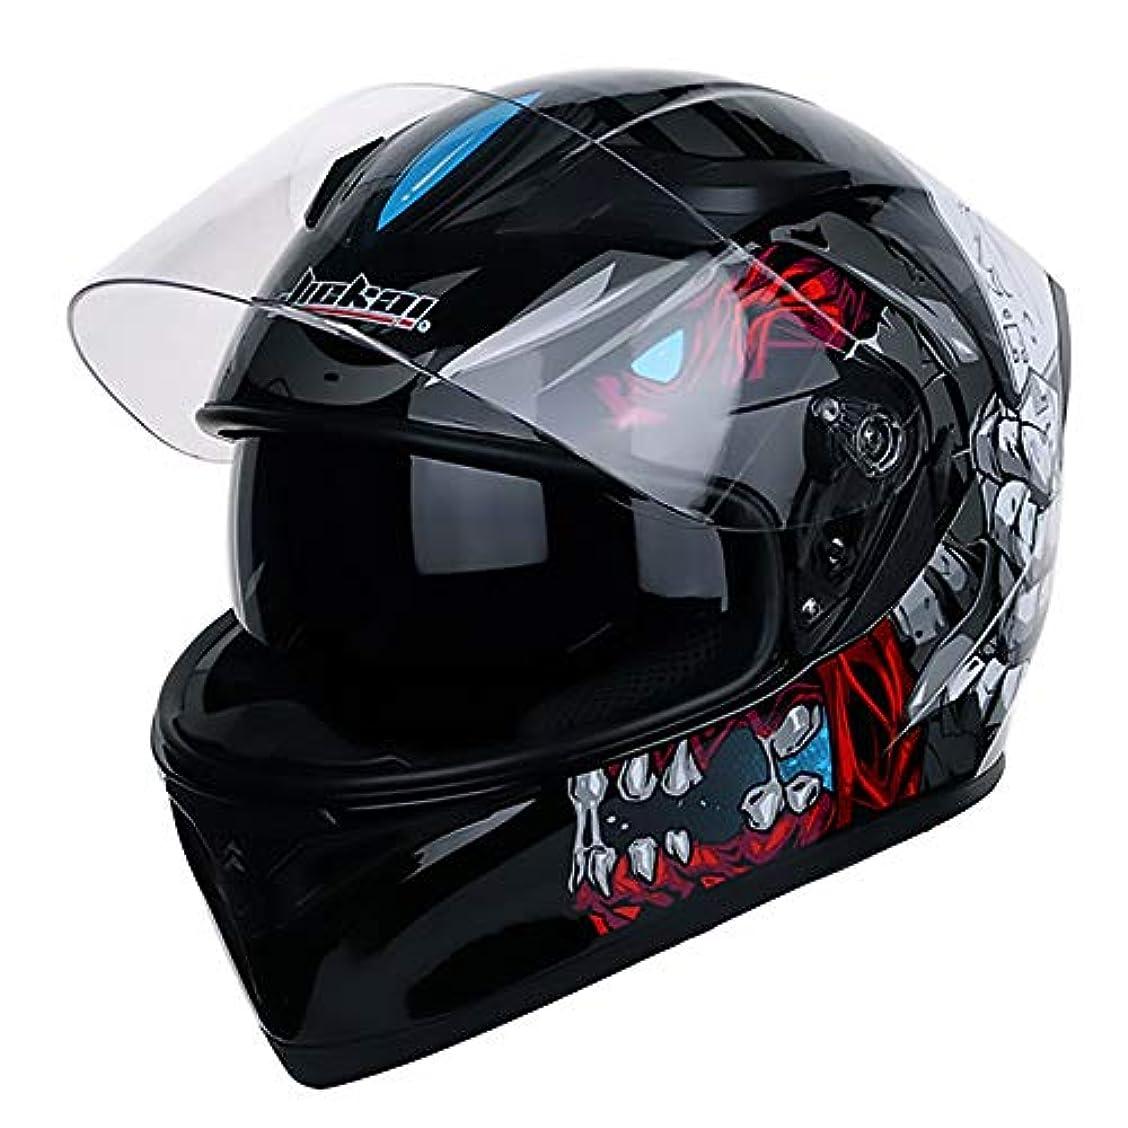 概念ポータルコーラスHYH クレイジーパターンabs素材大人自転車ヘルメット乗馬電気自動車オートバイヘルメット自転車マウンテンバイクヘルメット屋外乗馬機器 いい人生 (Size : XL)